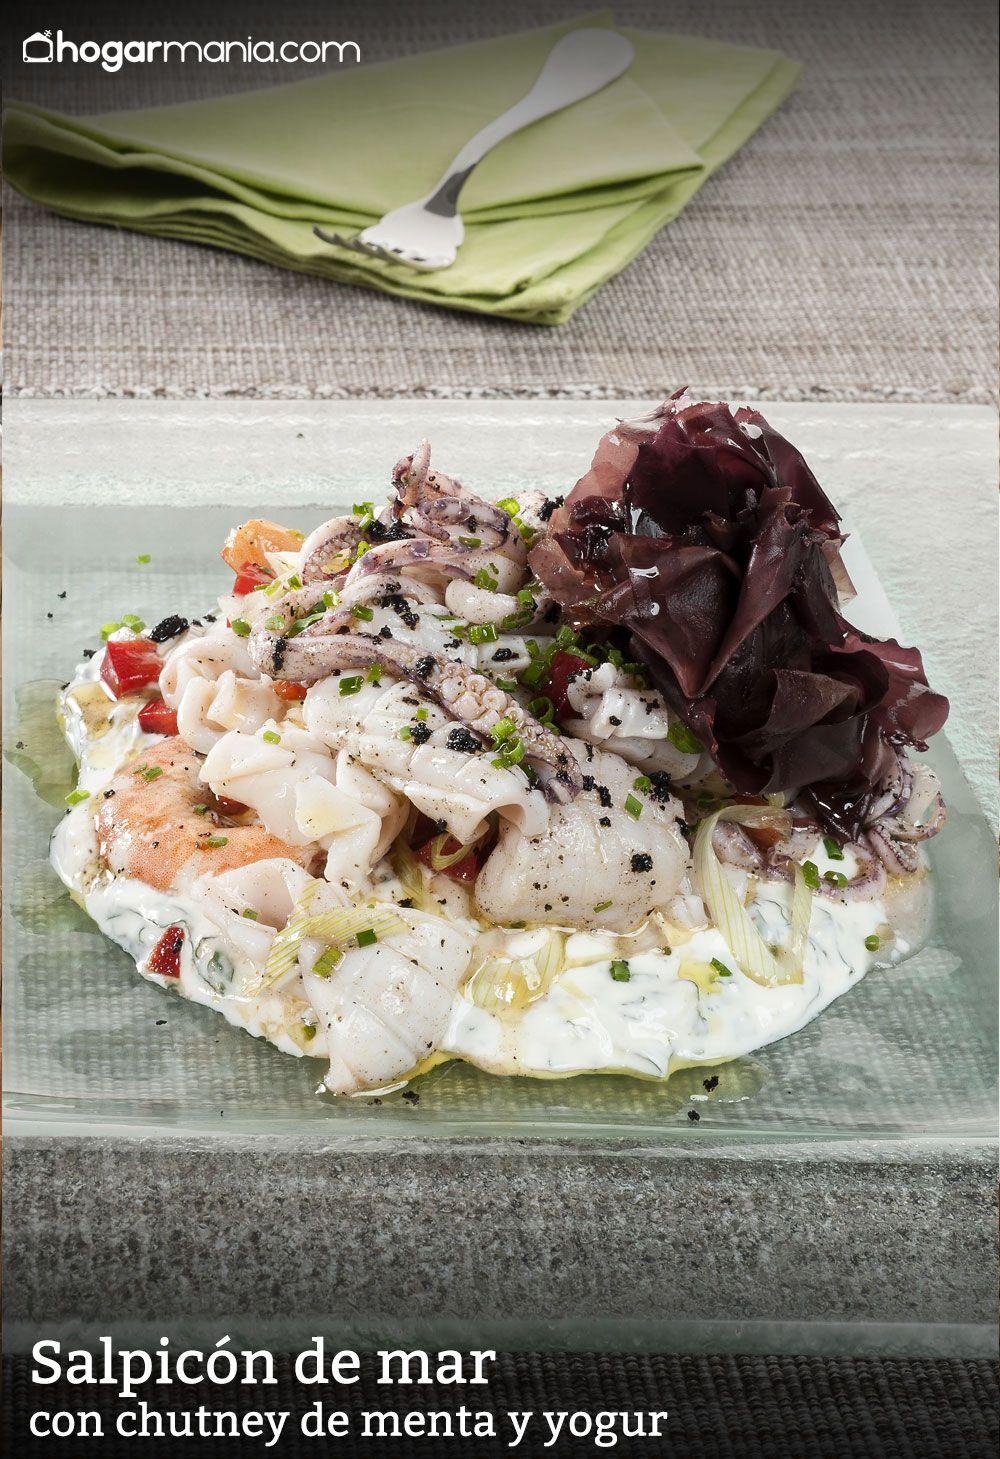 Salpicón de mar con chutney de menta y yogur